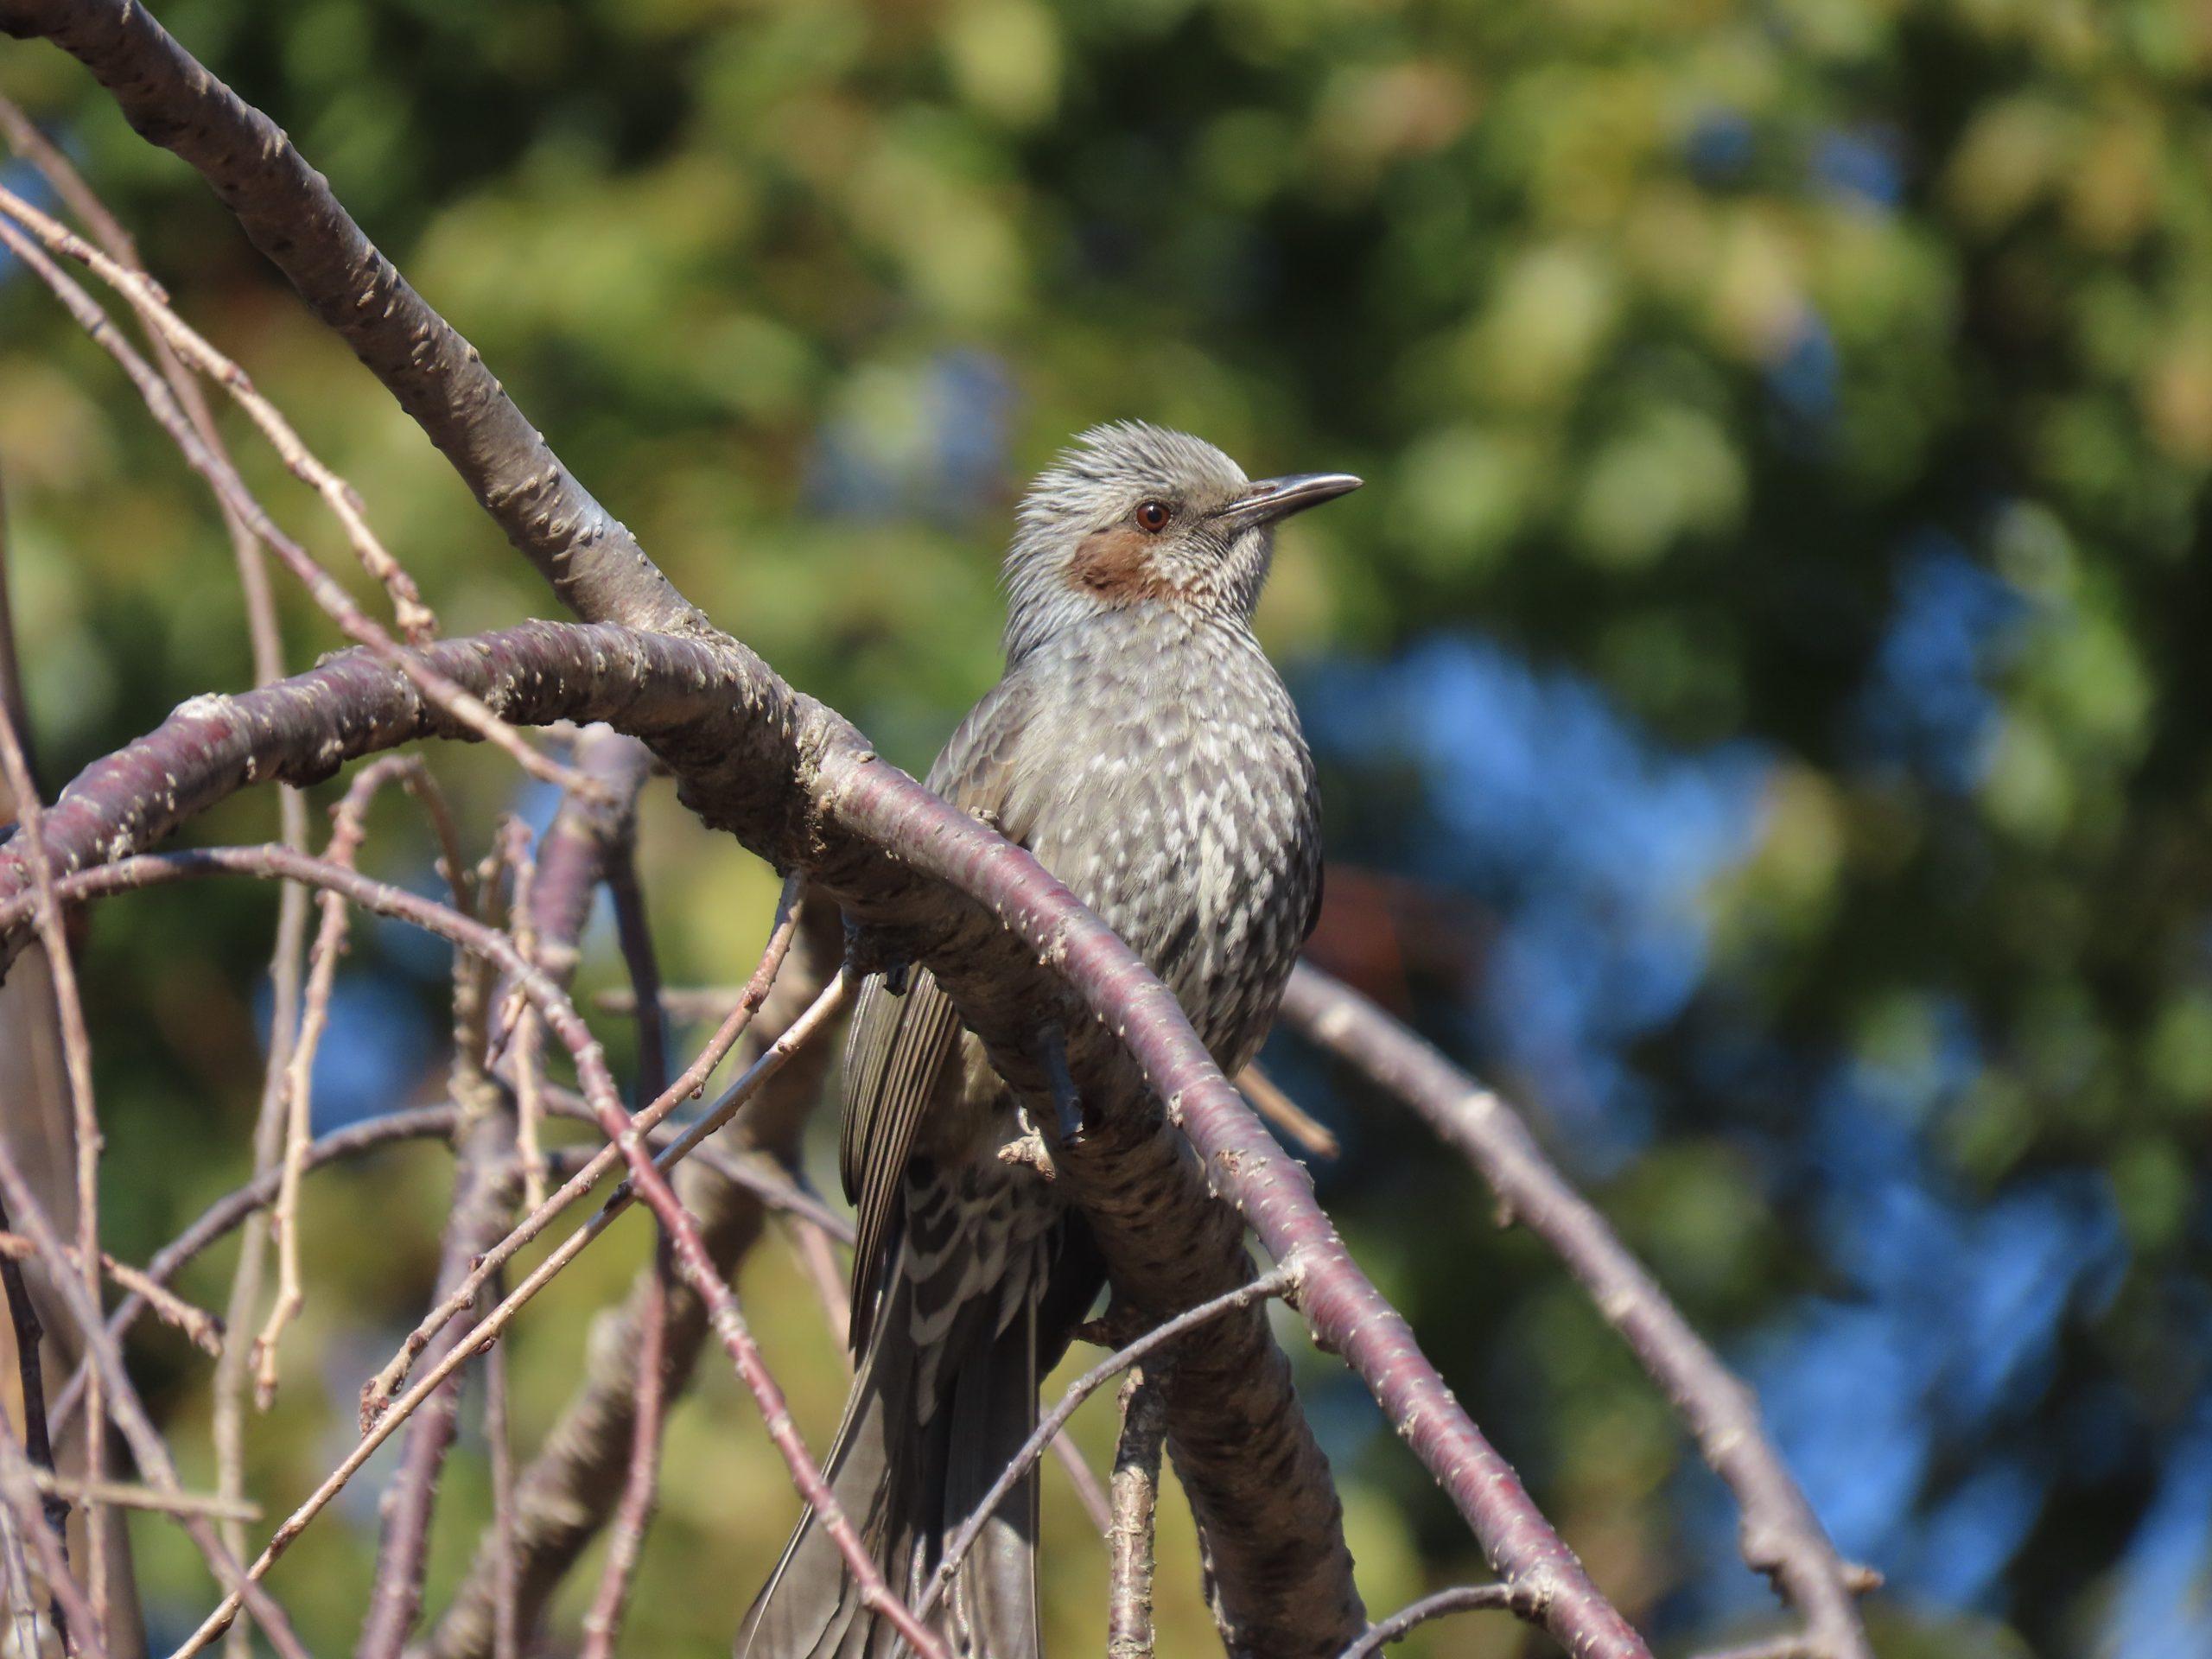 戸越公園の鳥